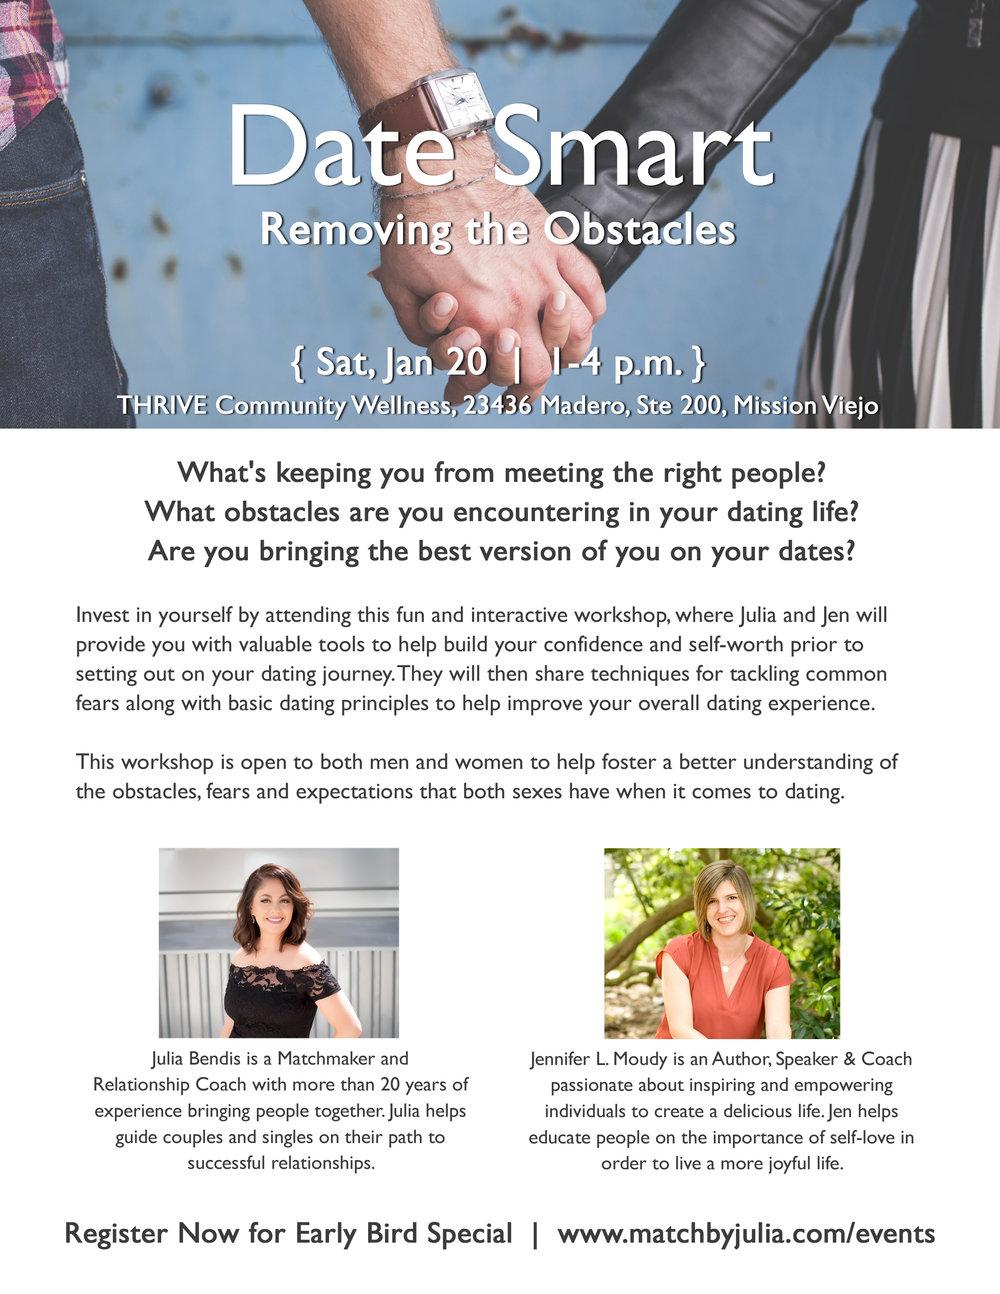 Date Smart Flyer - Jan 2018.jpg